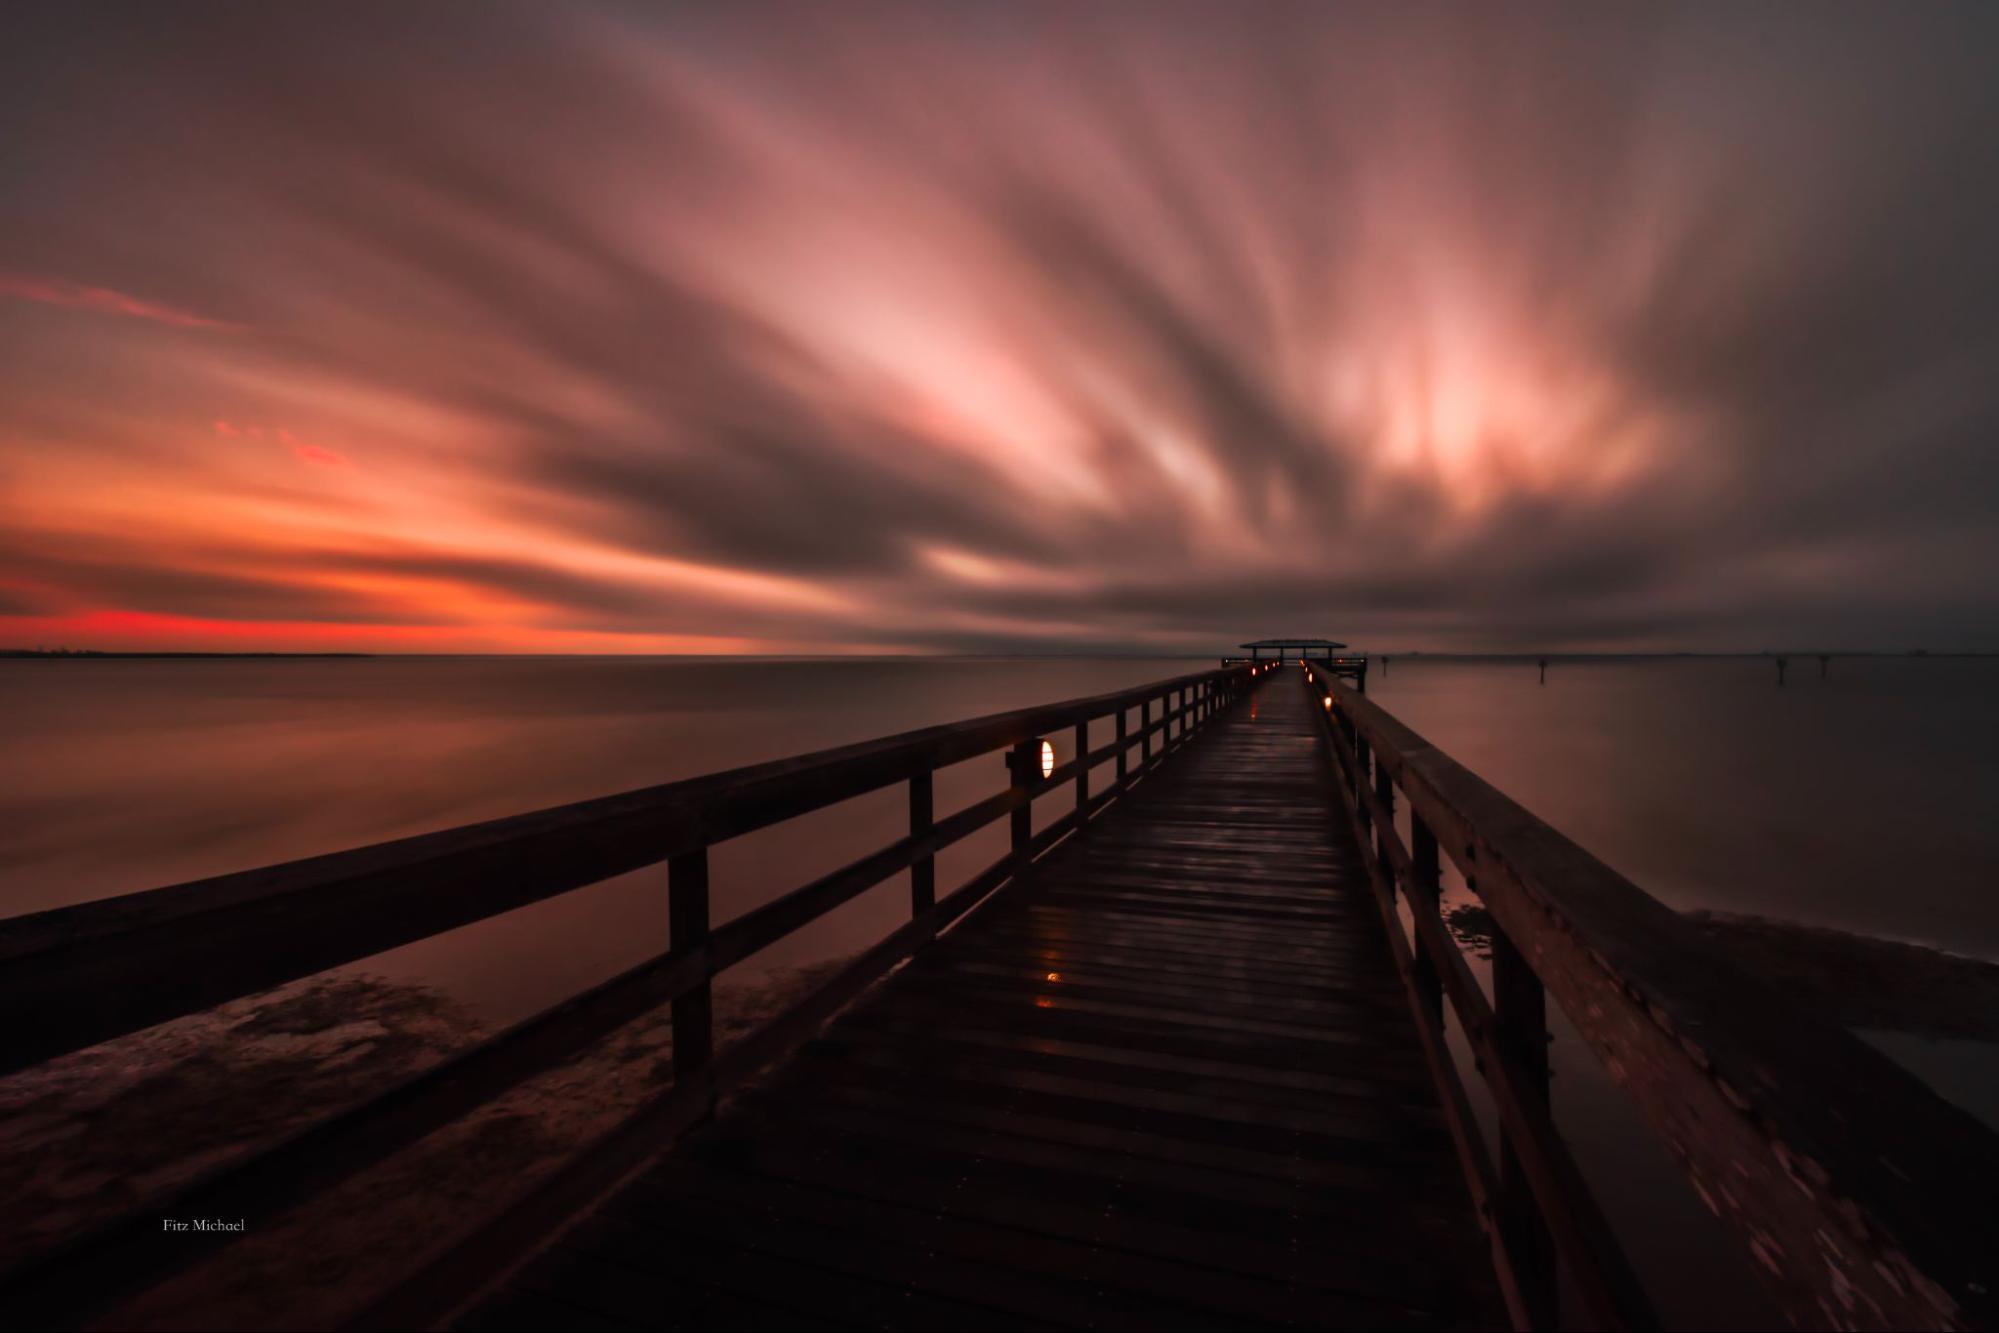 Sunset in Tampa, Florida